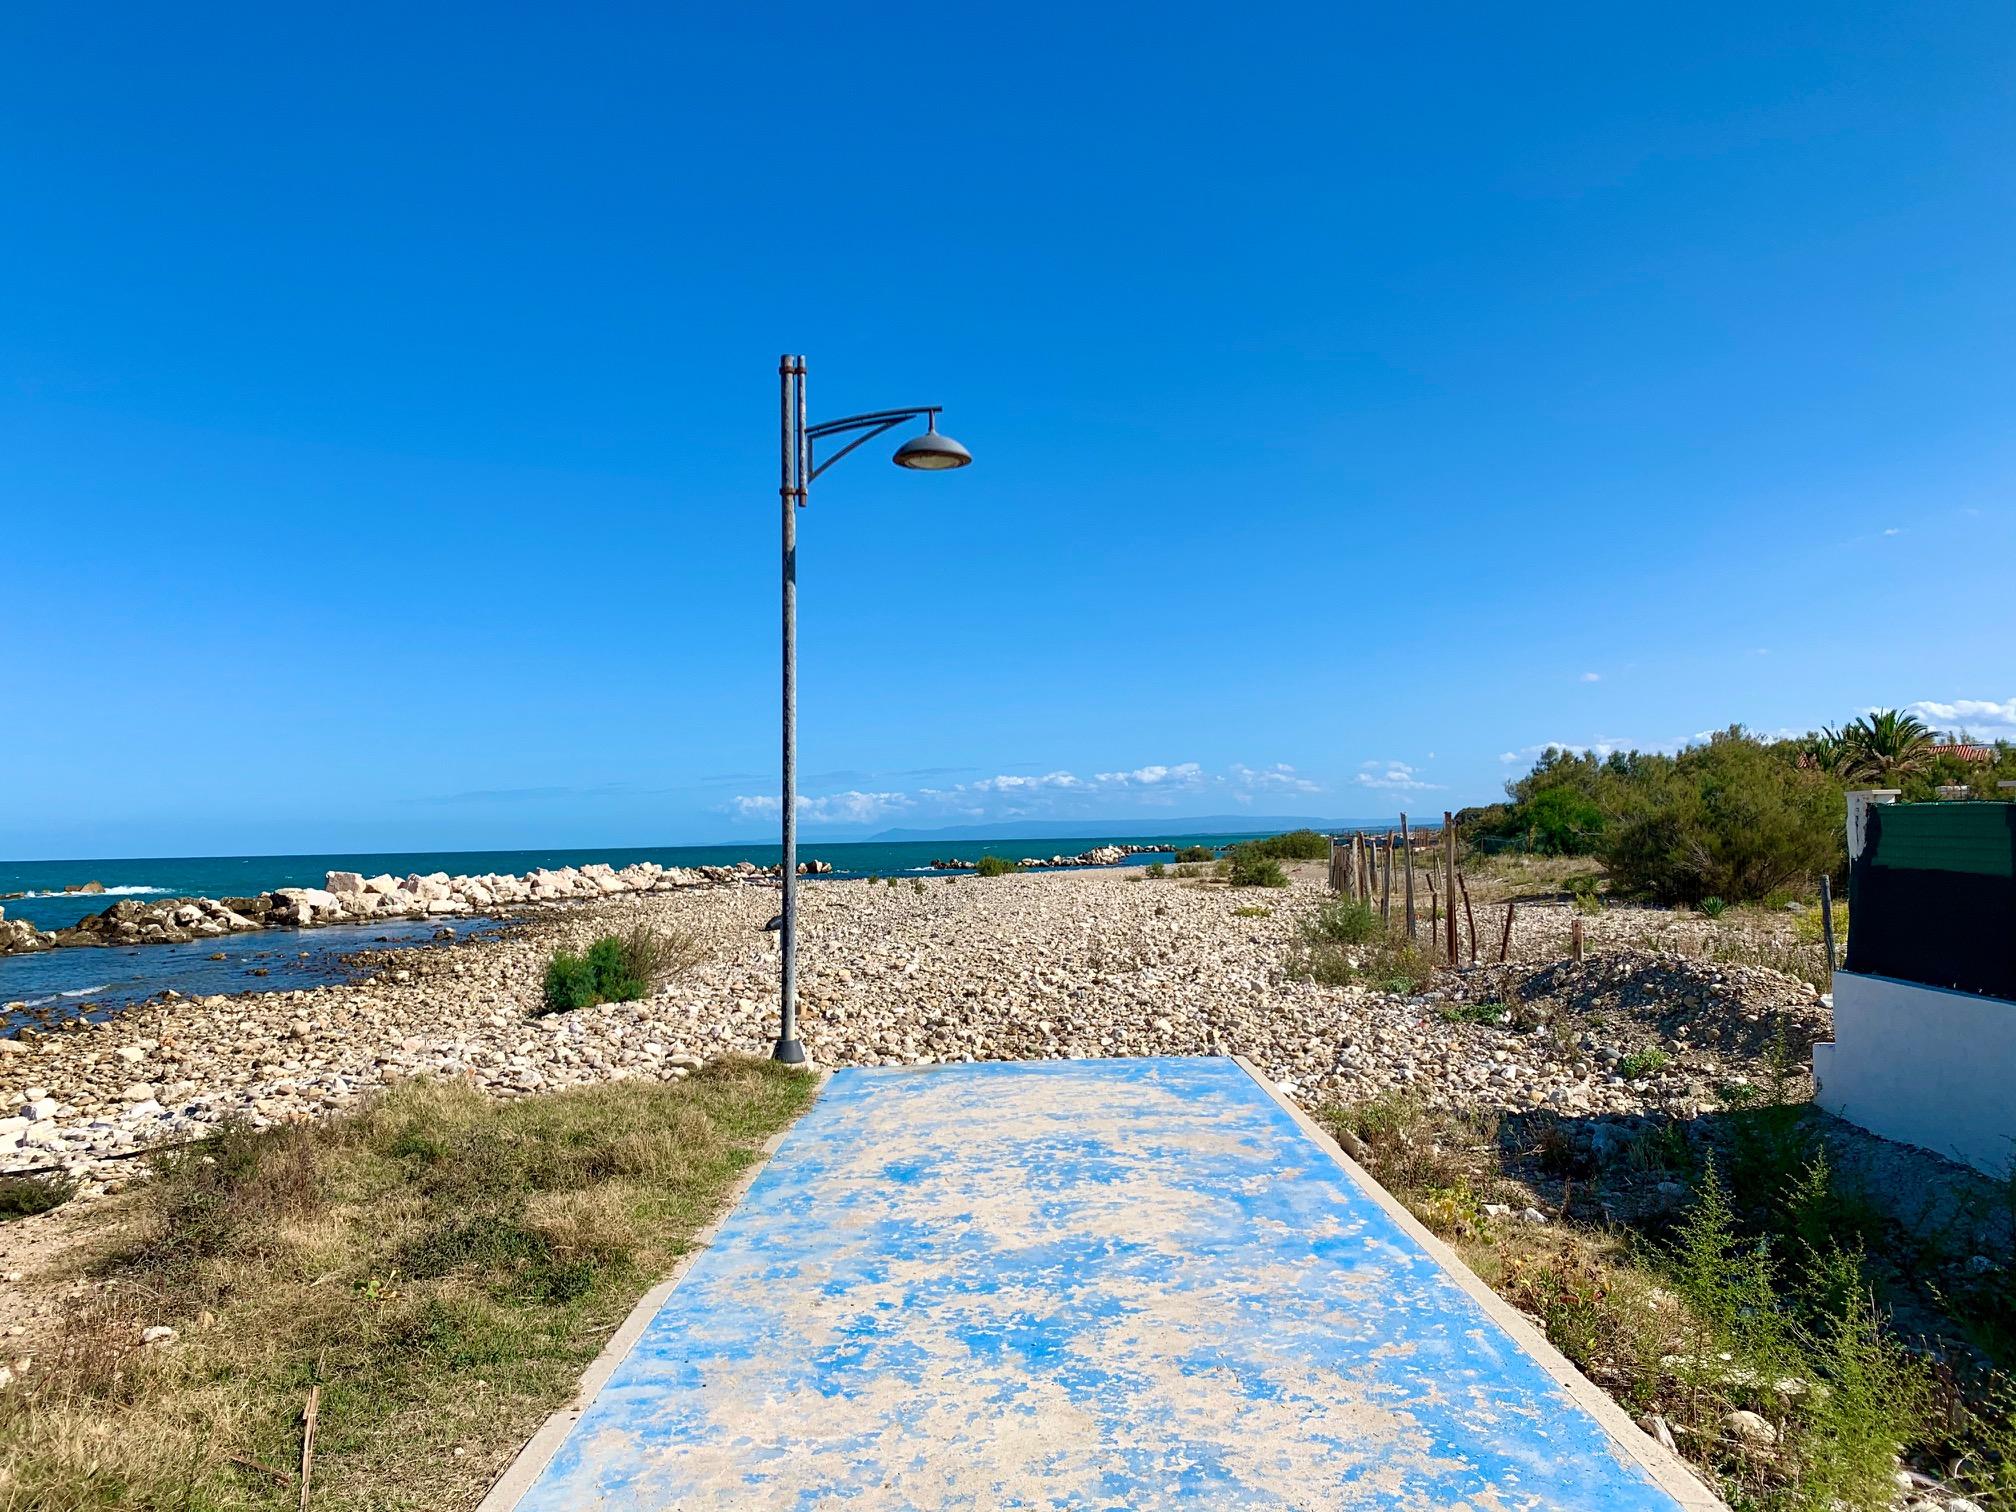 La spiaggia interrotta